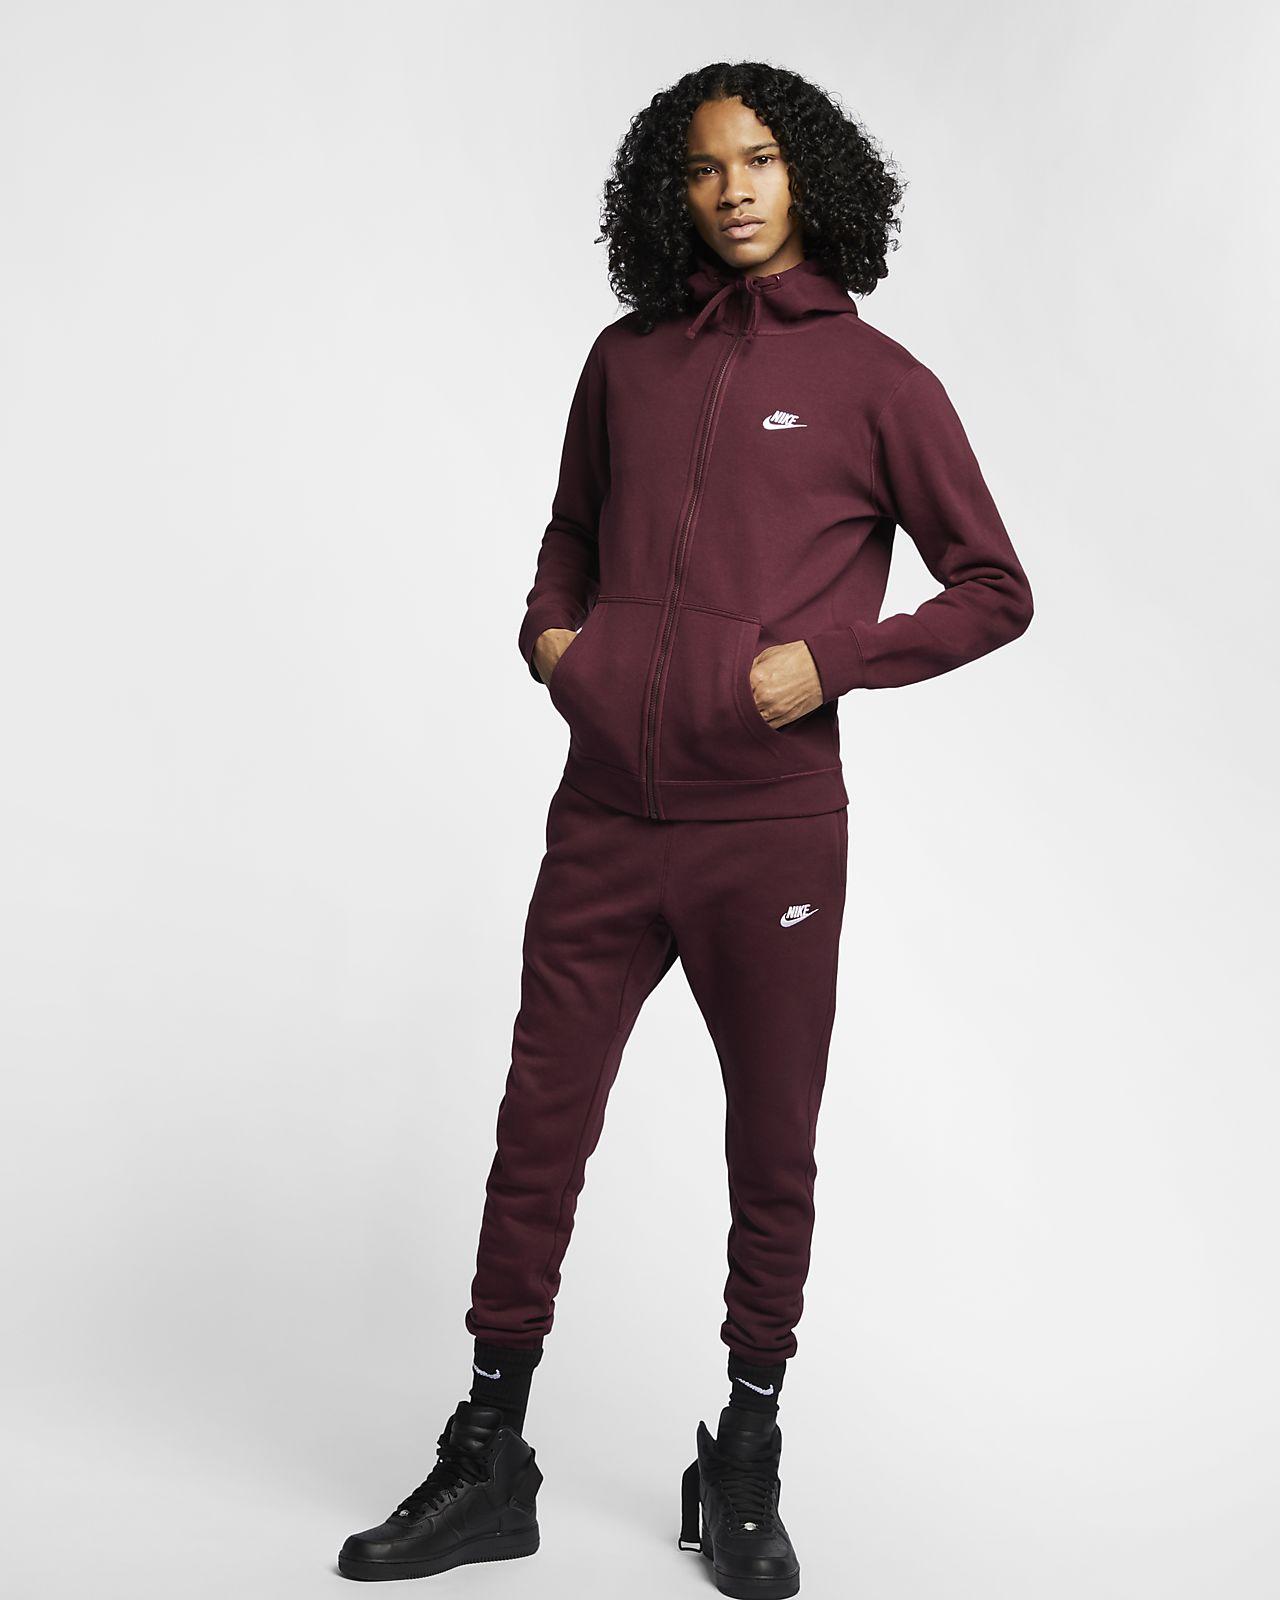 e6a7dab1a Low Resolution Nike Sportswear Club Fleece Hoodie Nike Sportswear Club  Fleece Hoodie